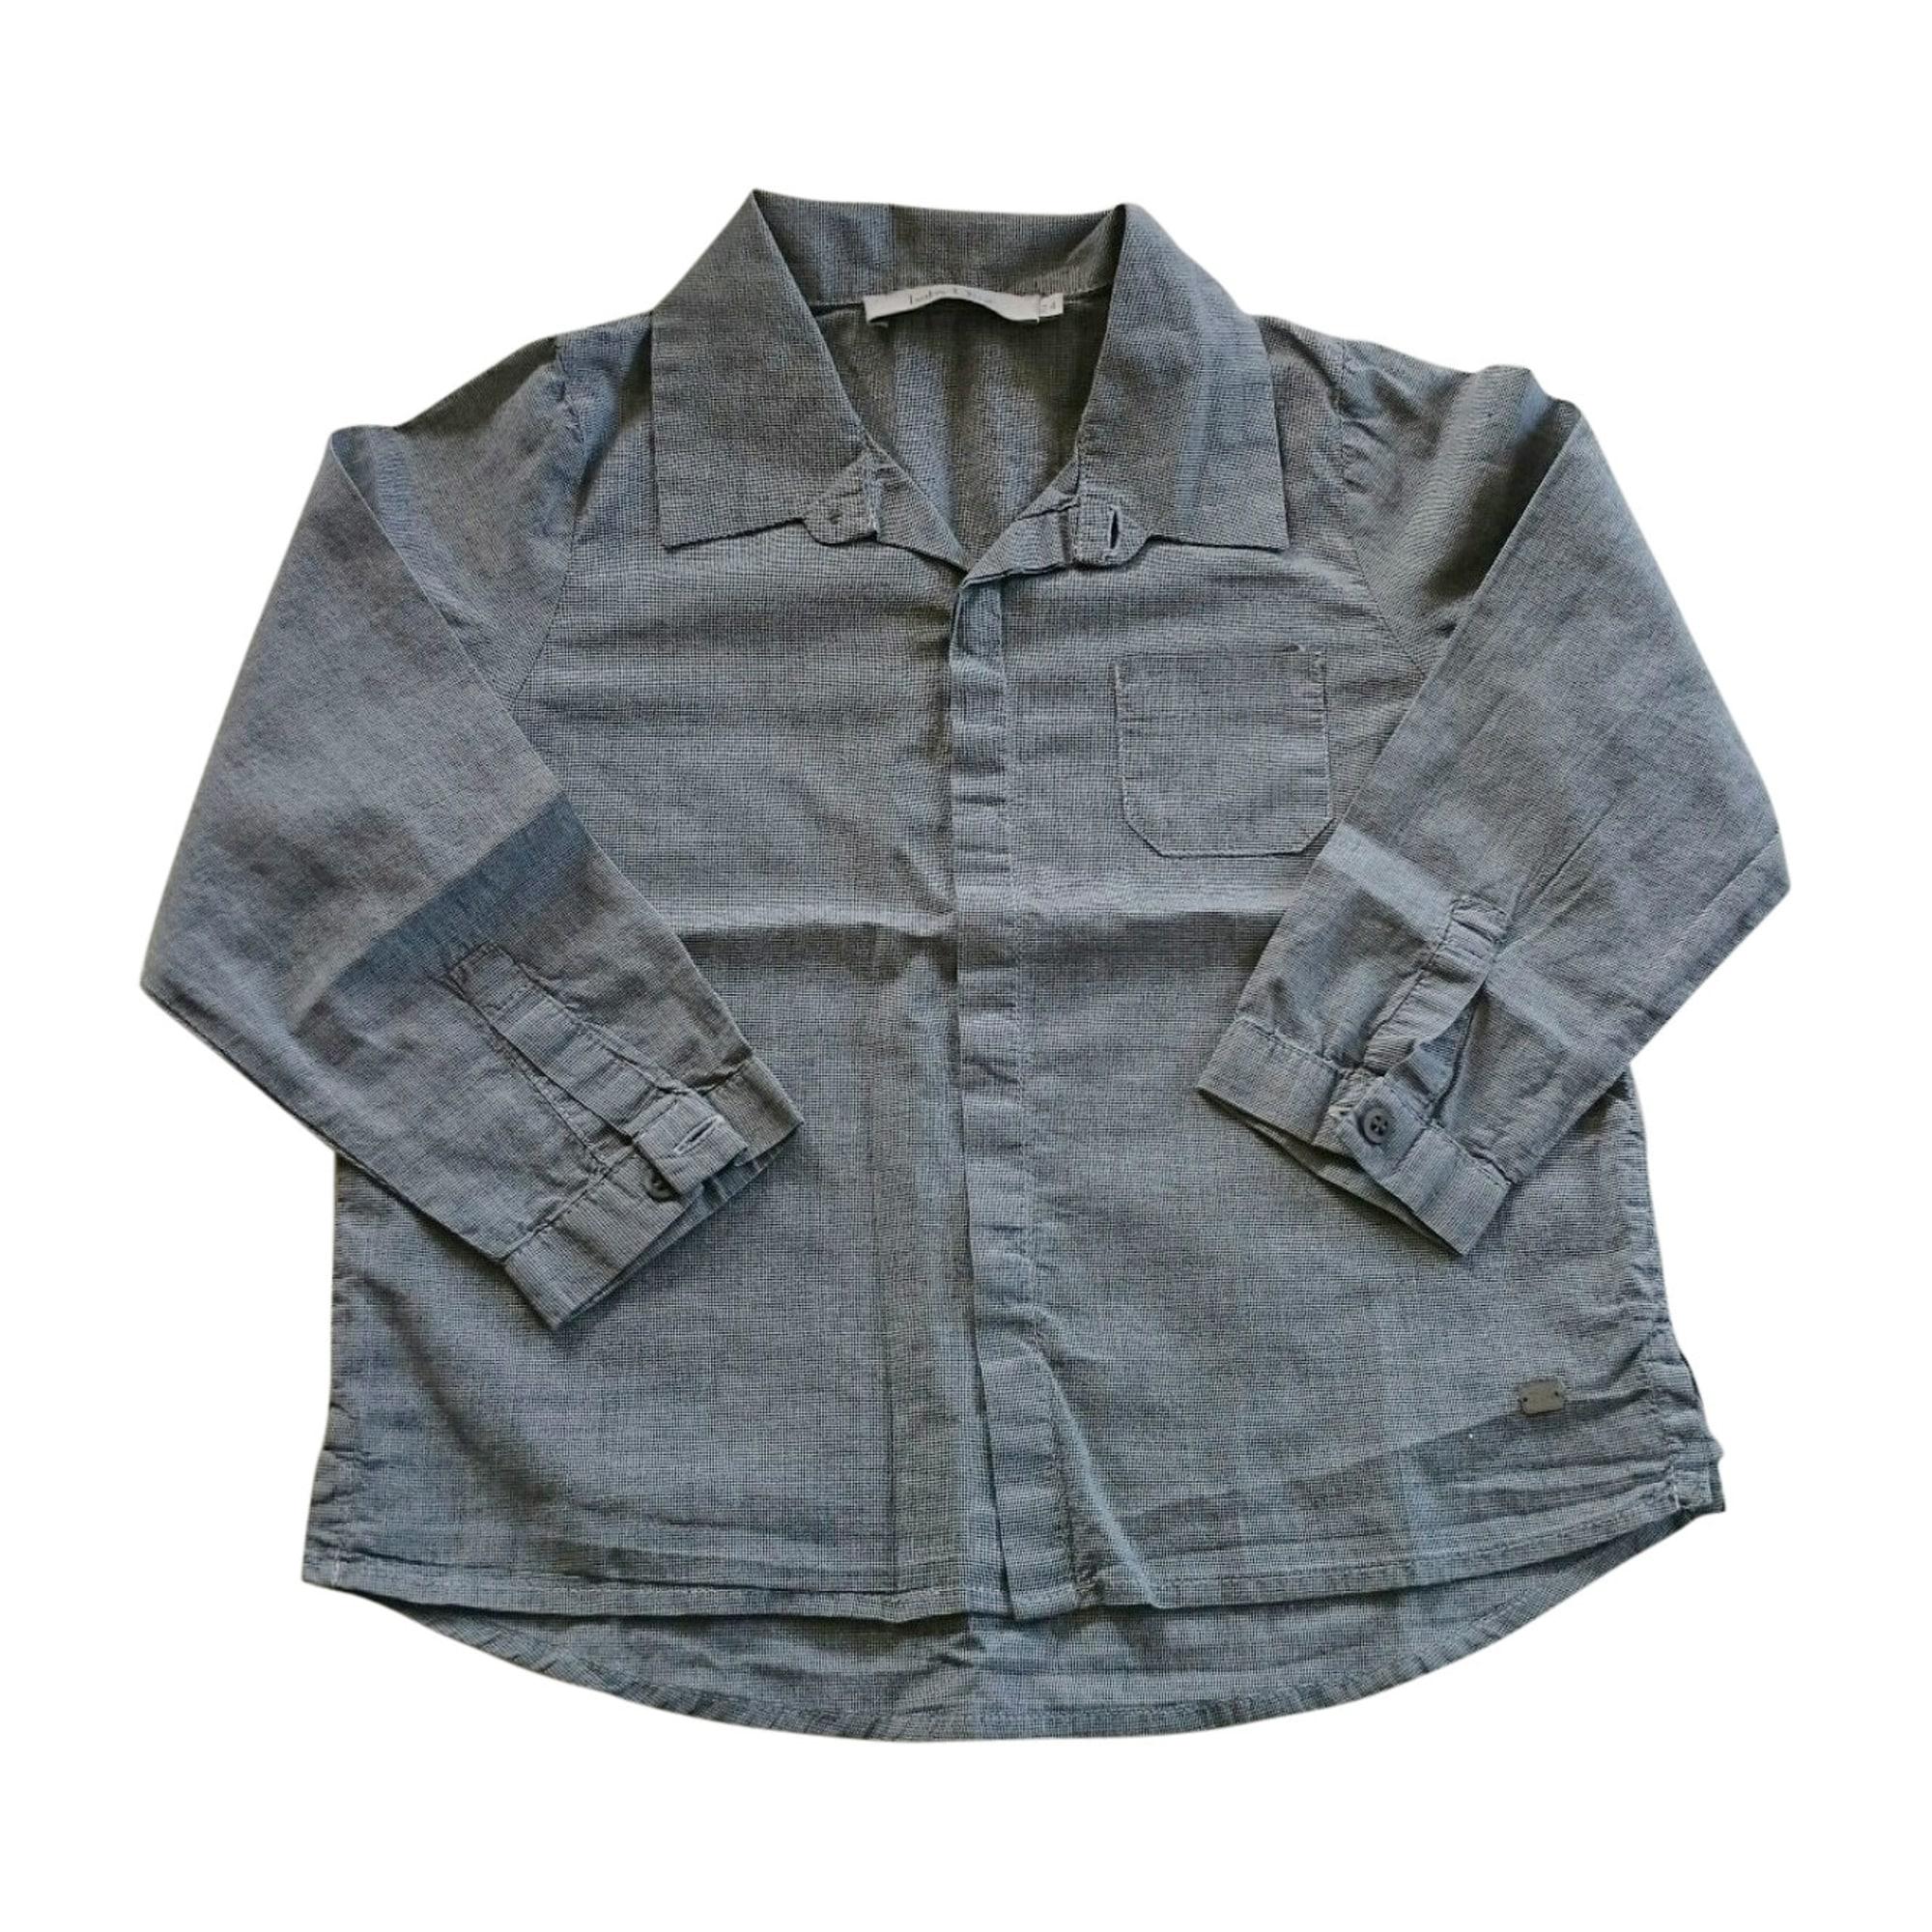 Camicia BABY DIOR Grigio, antracite